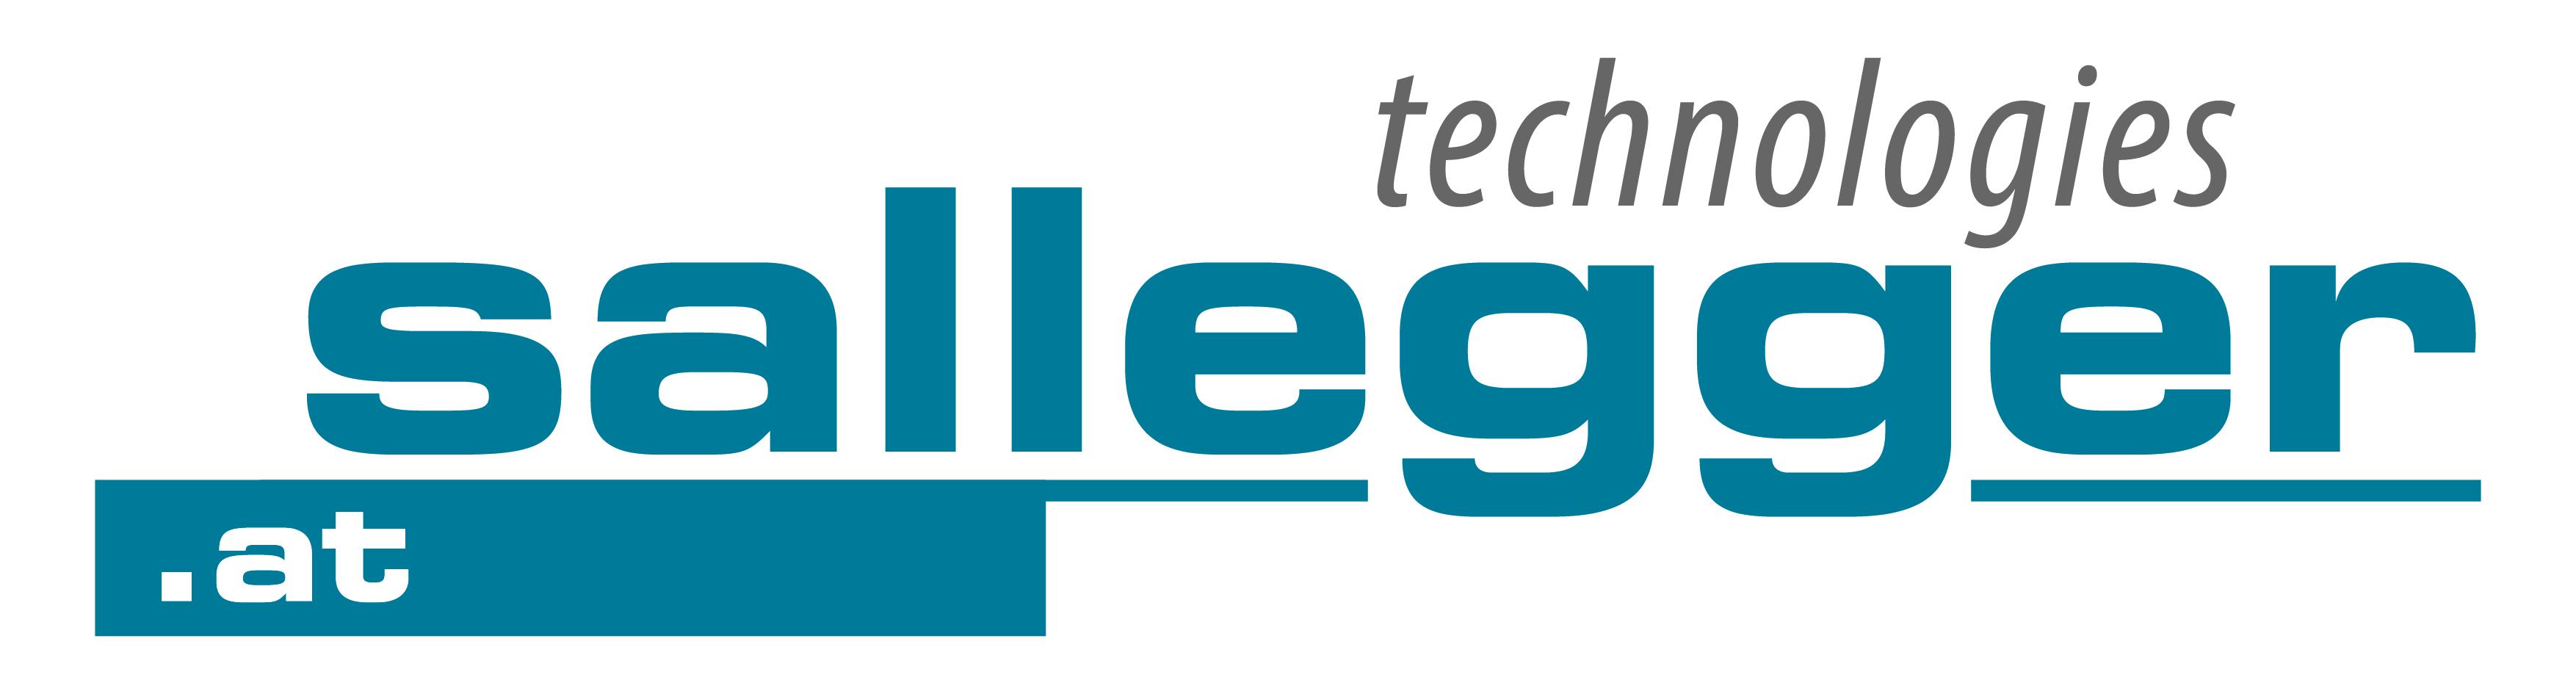 Sallegger-Technologies-Marke